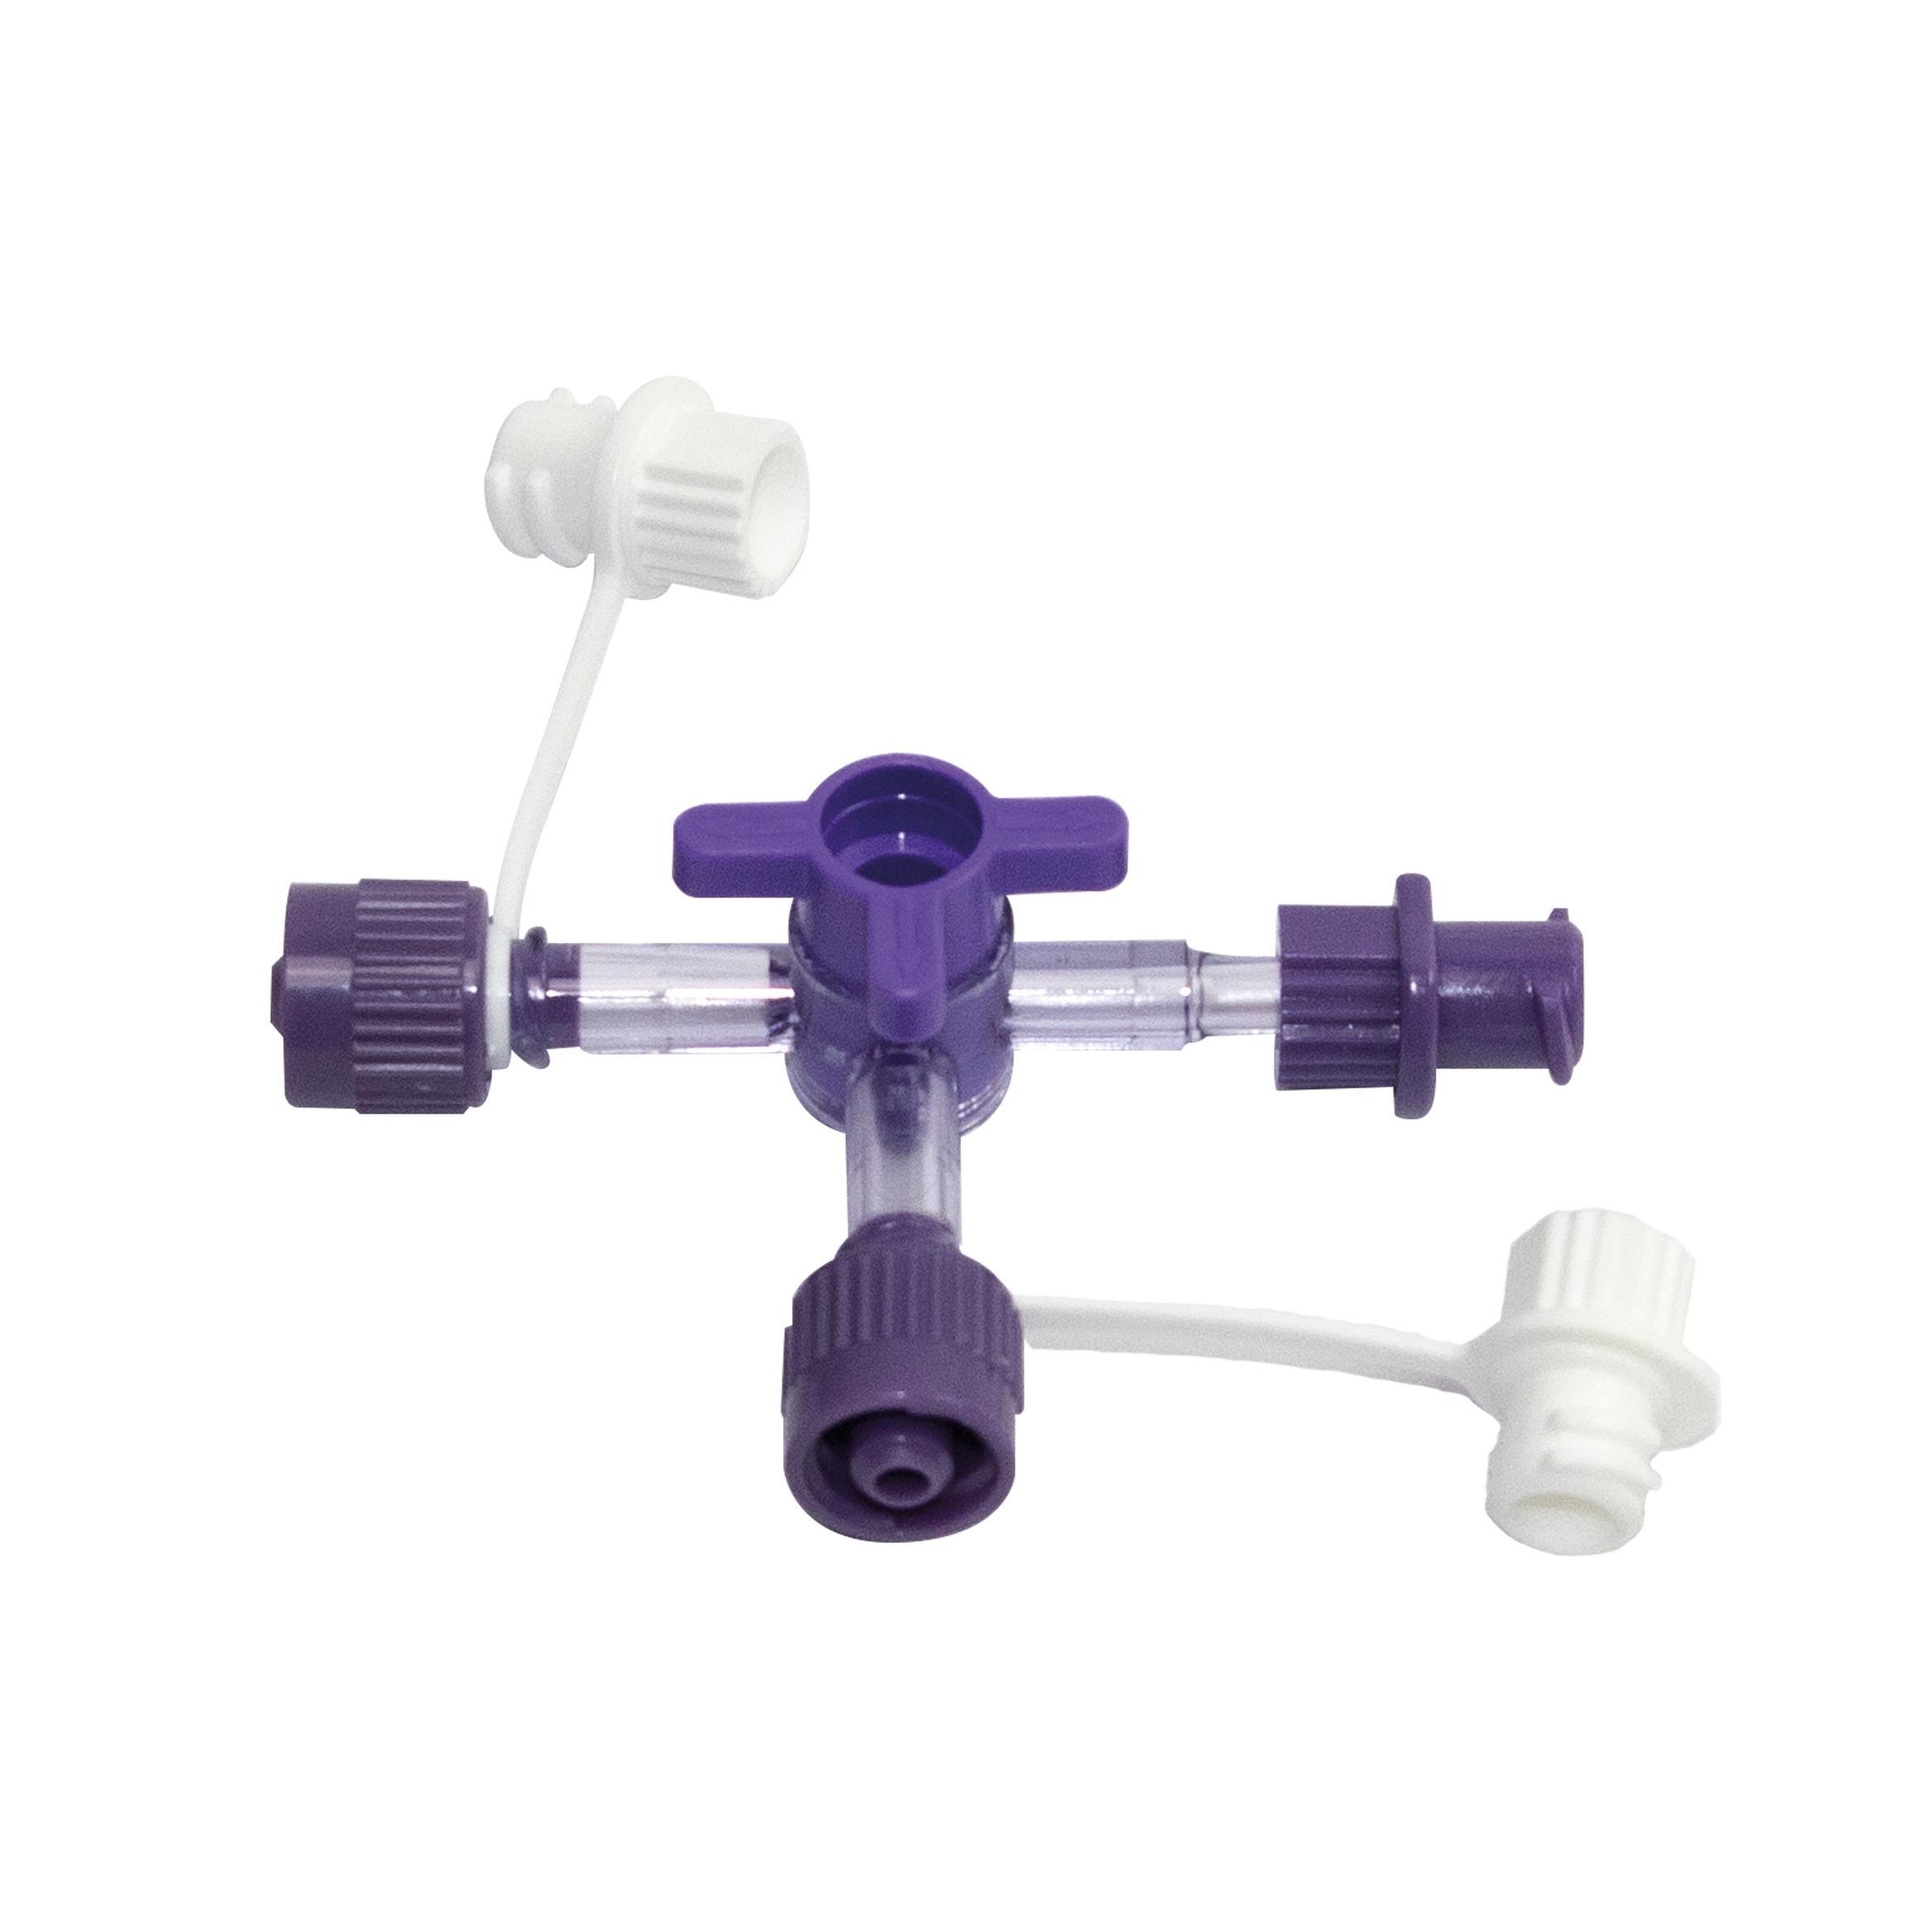 Robinet 3 voies ENTRAL™ ENFit™ avec deux connecteurs mâles et un connecteur femelle